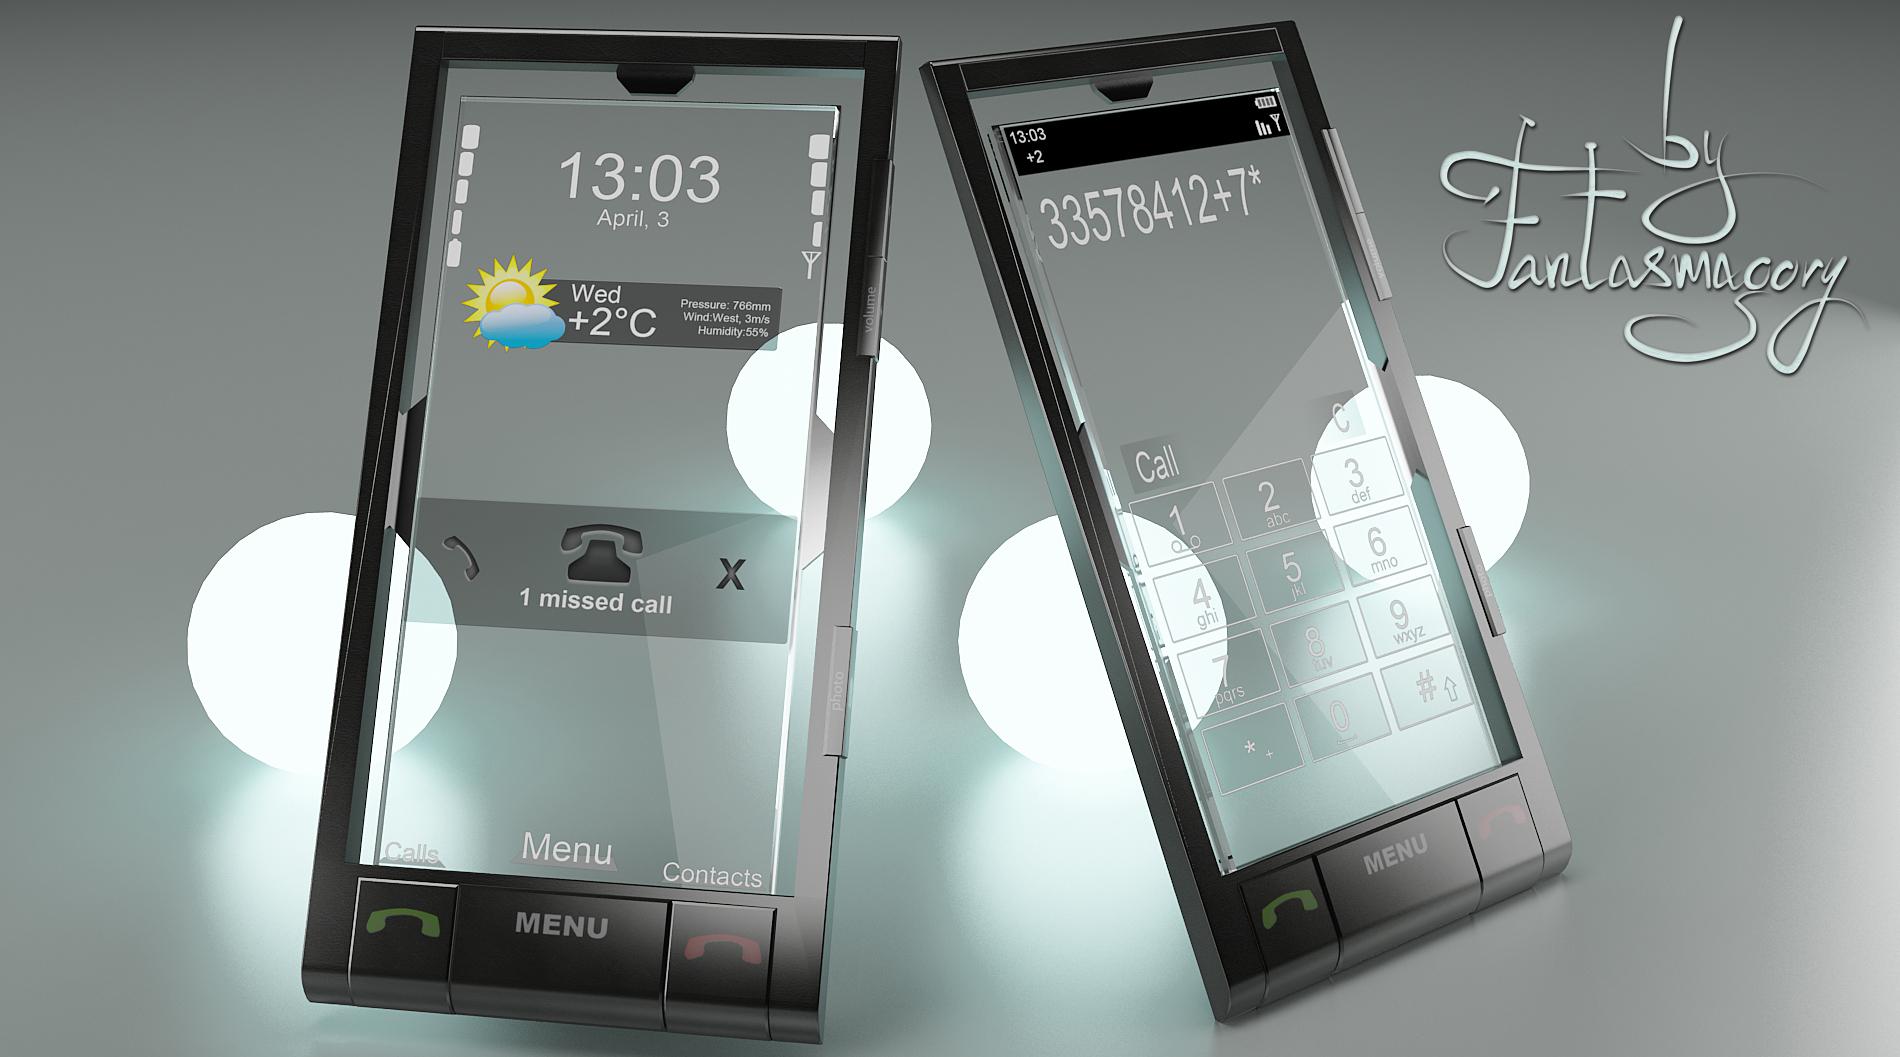 Нужен дизайн мобильного телефона фото f_462515c45ab9fb2f.jpg